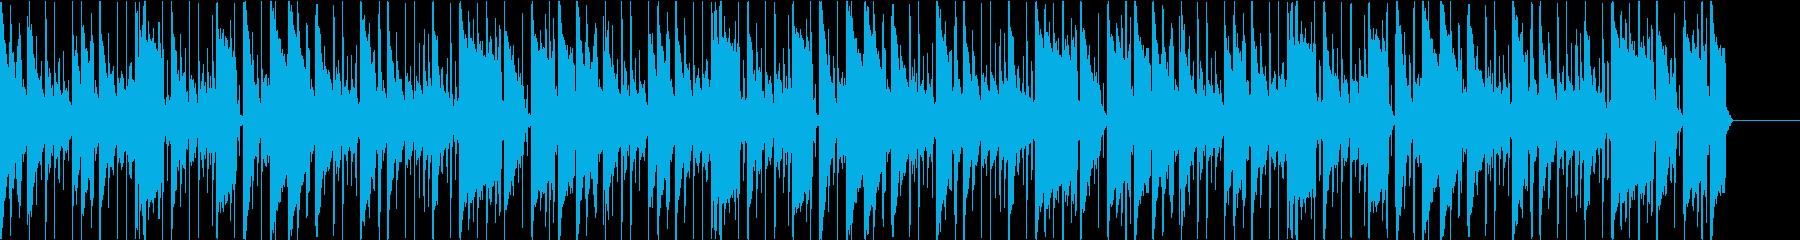 暗い洞穴・洞窟・ダンジョン・調査ゲームbの再生済みの波形